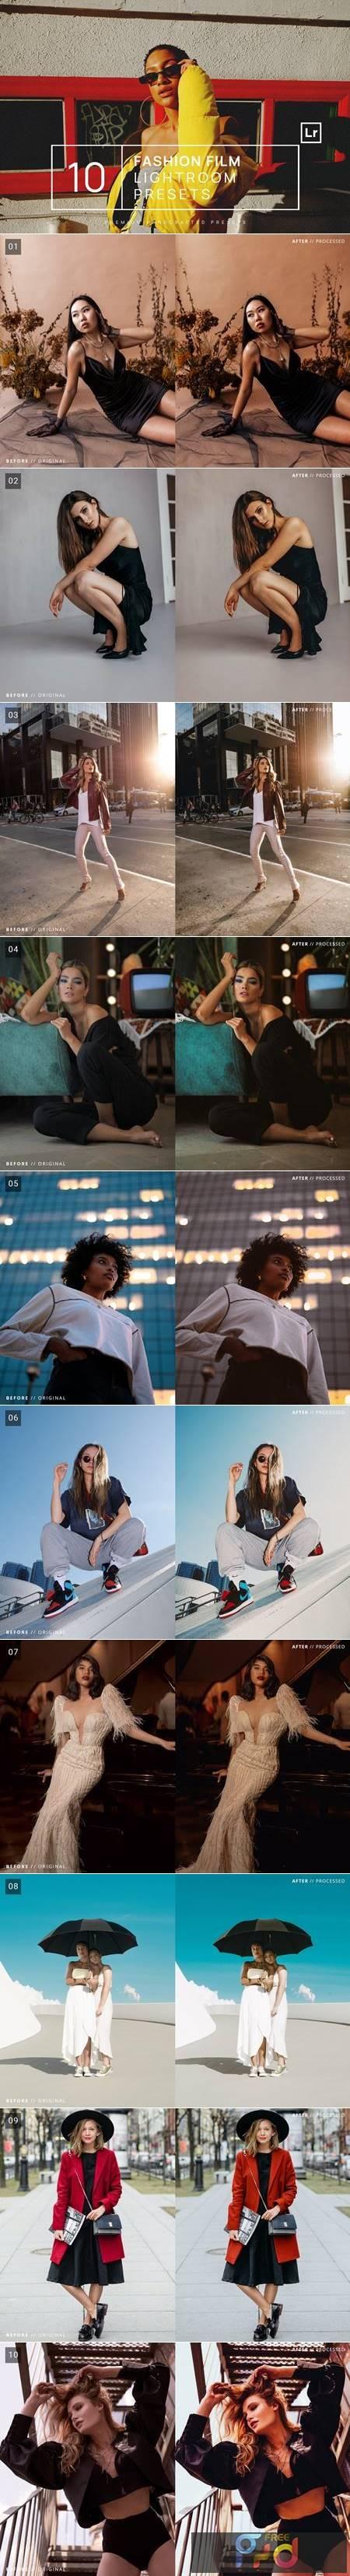 10 Fashion Film Lightroom Presets + Mobile VXK5SKY 1